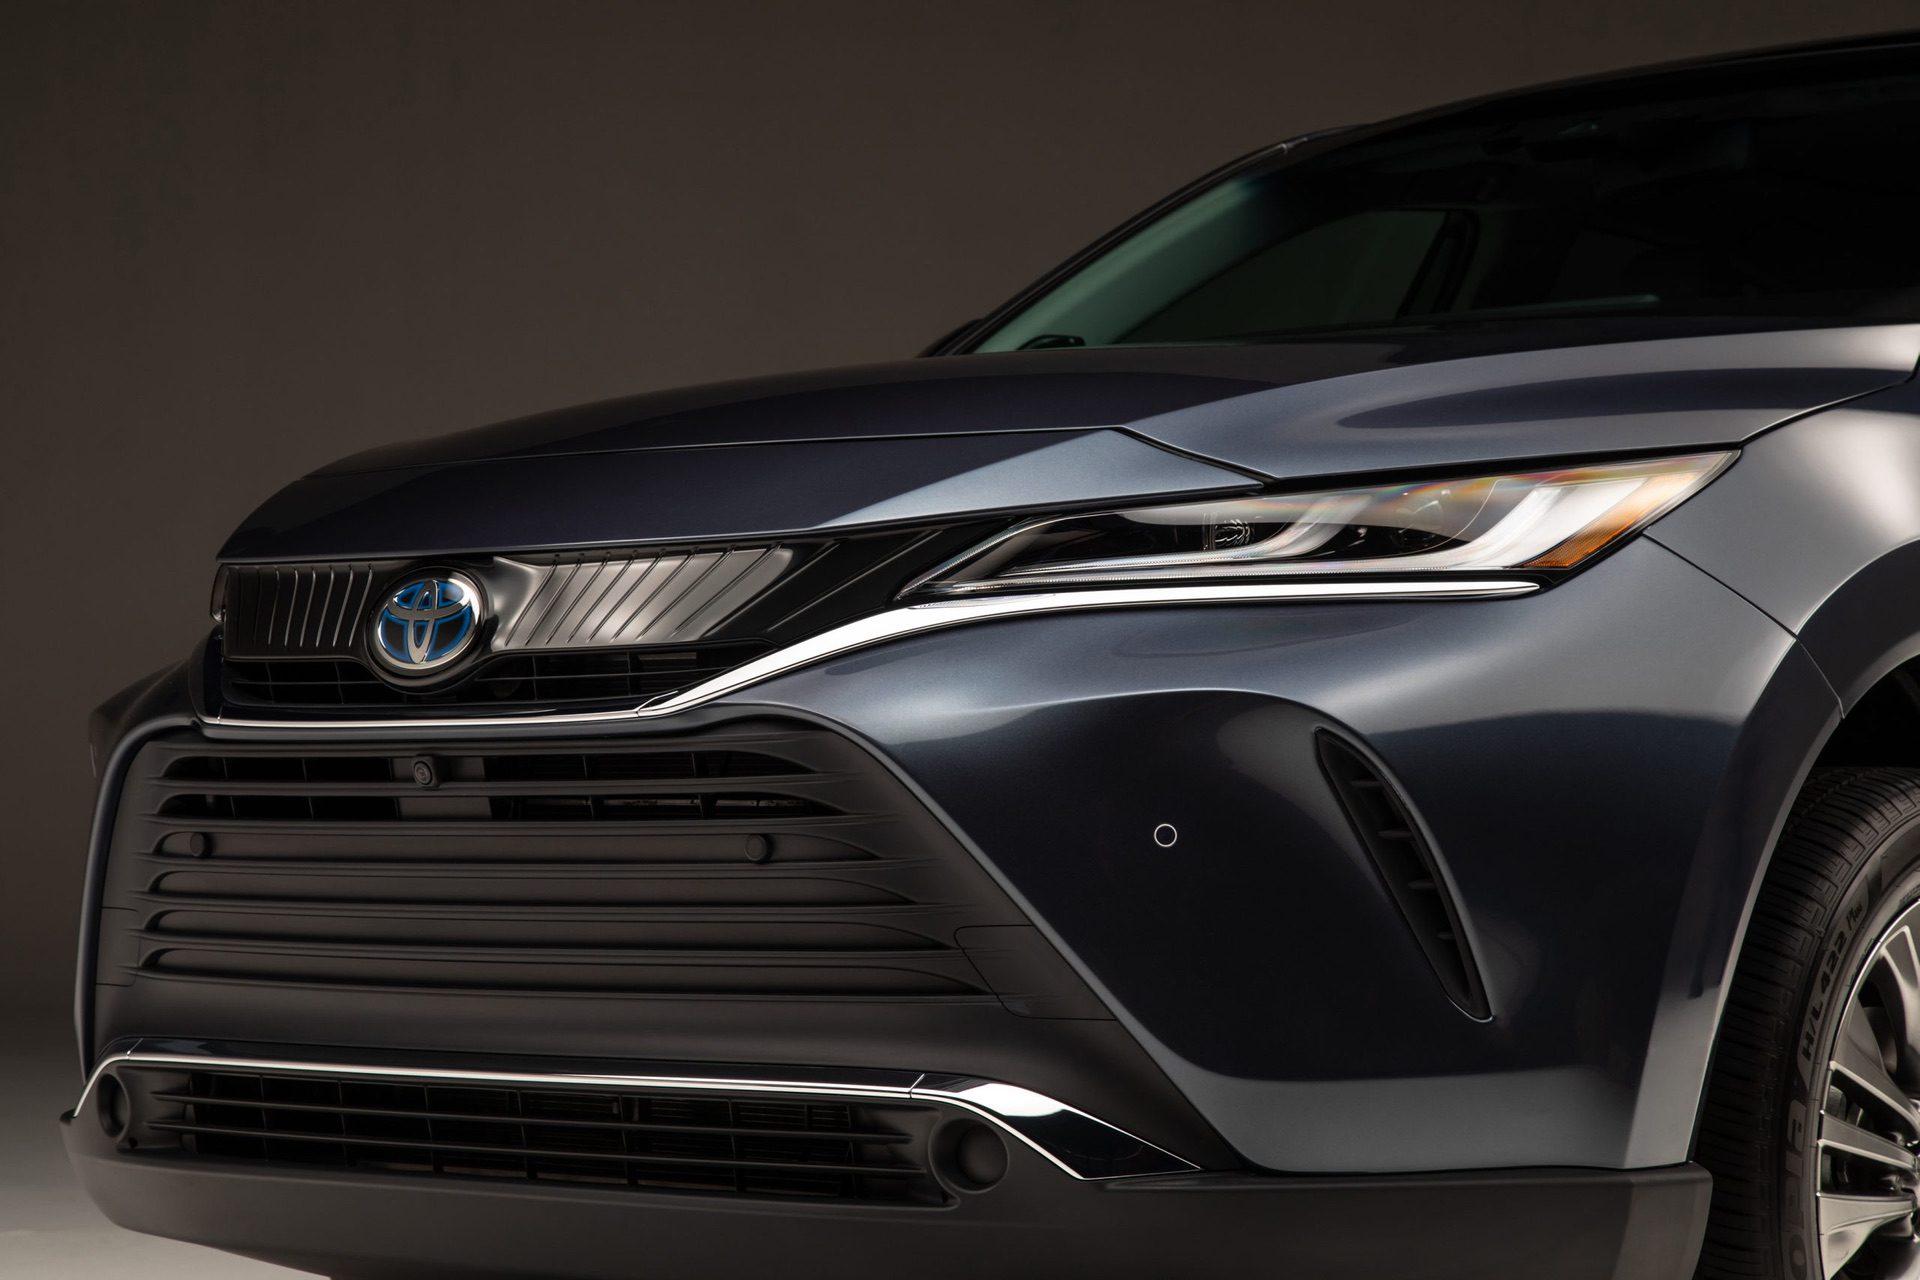 2021_Toyota_Venza_0009